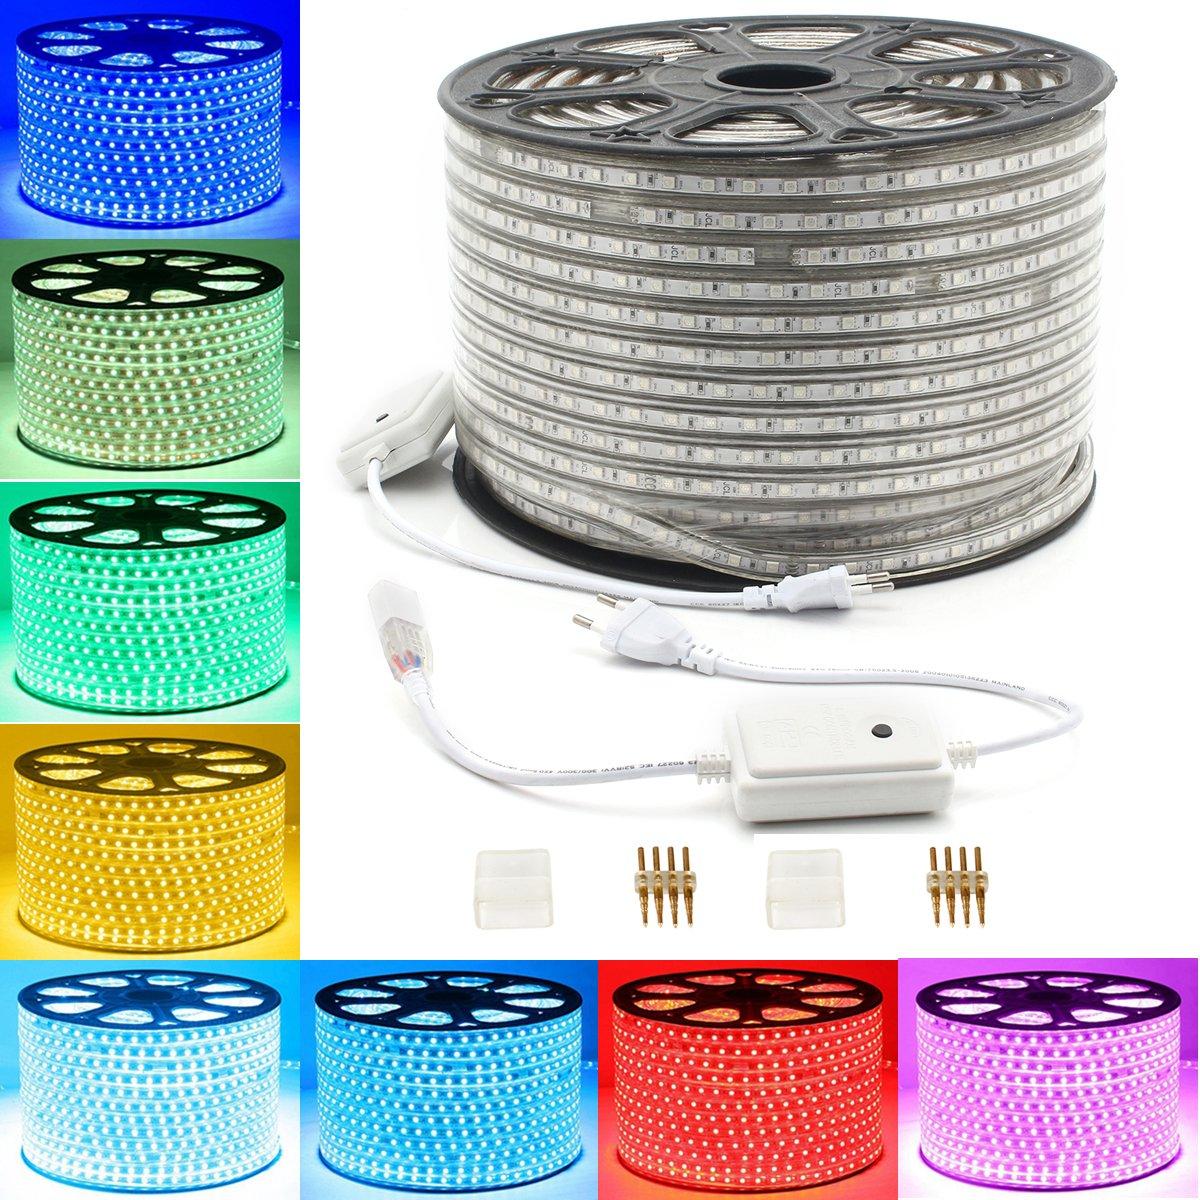 GreenSun 30m Ruban à LED Strip Flexible Bande éclairage 5050SMD 60Leds/m étanche Blanc Froid utiliser directement pas besoin de l'adapteur